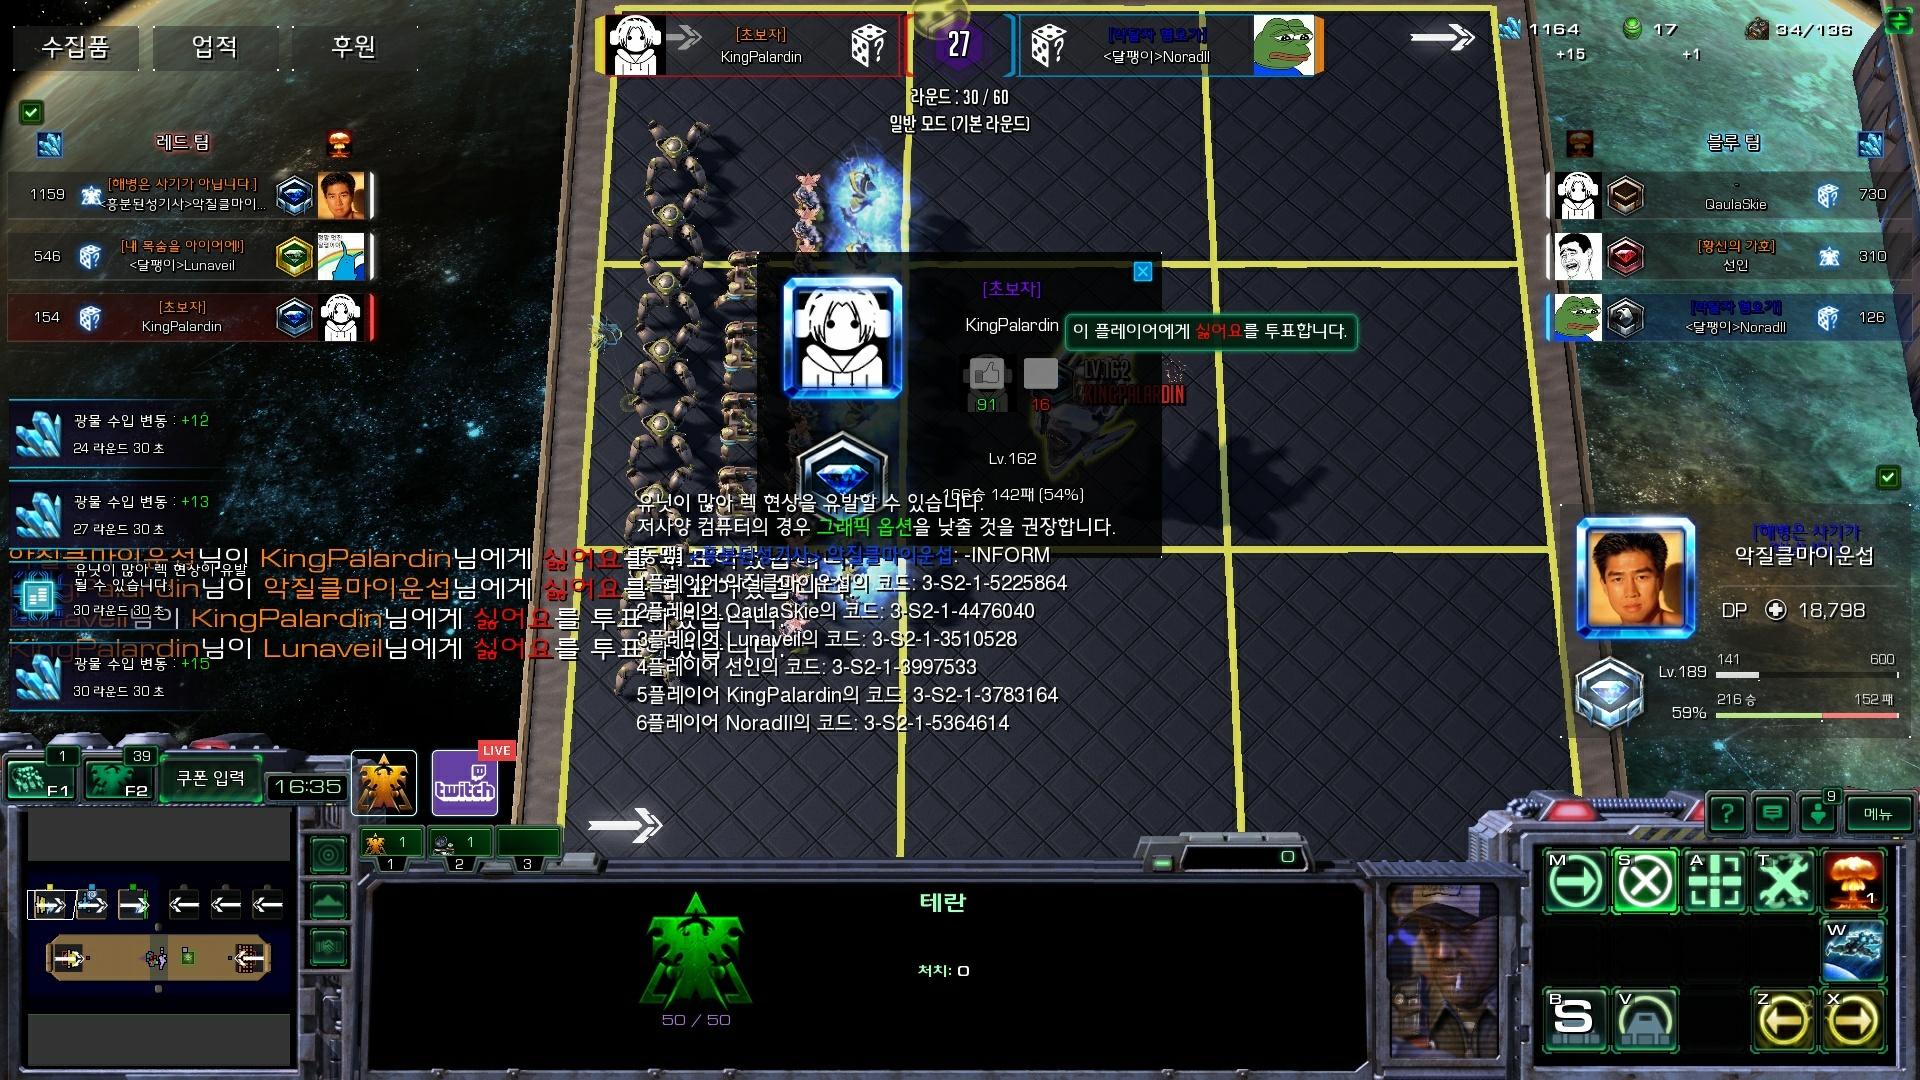 Screenshot2019-05-14 22_38_23.jpg